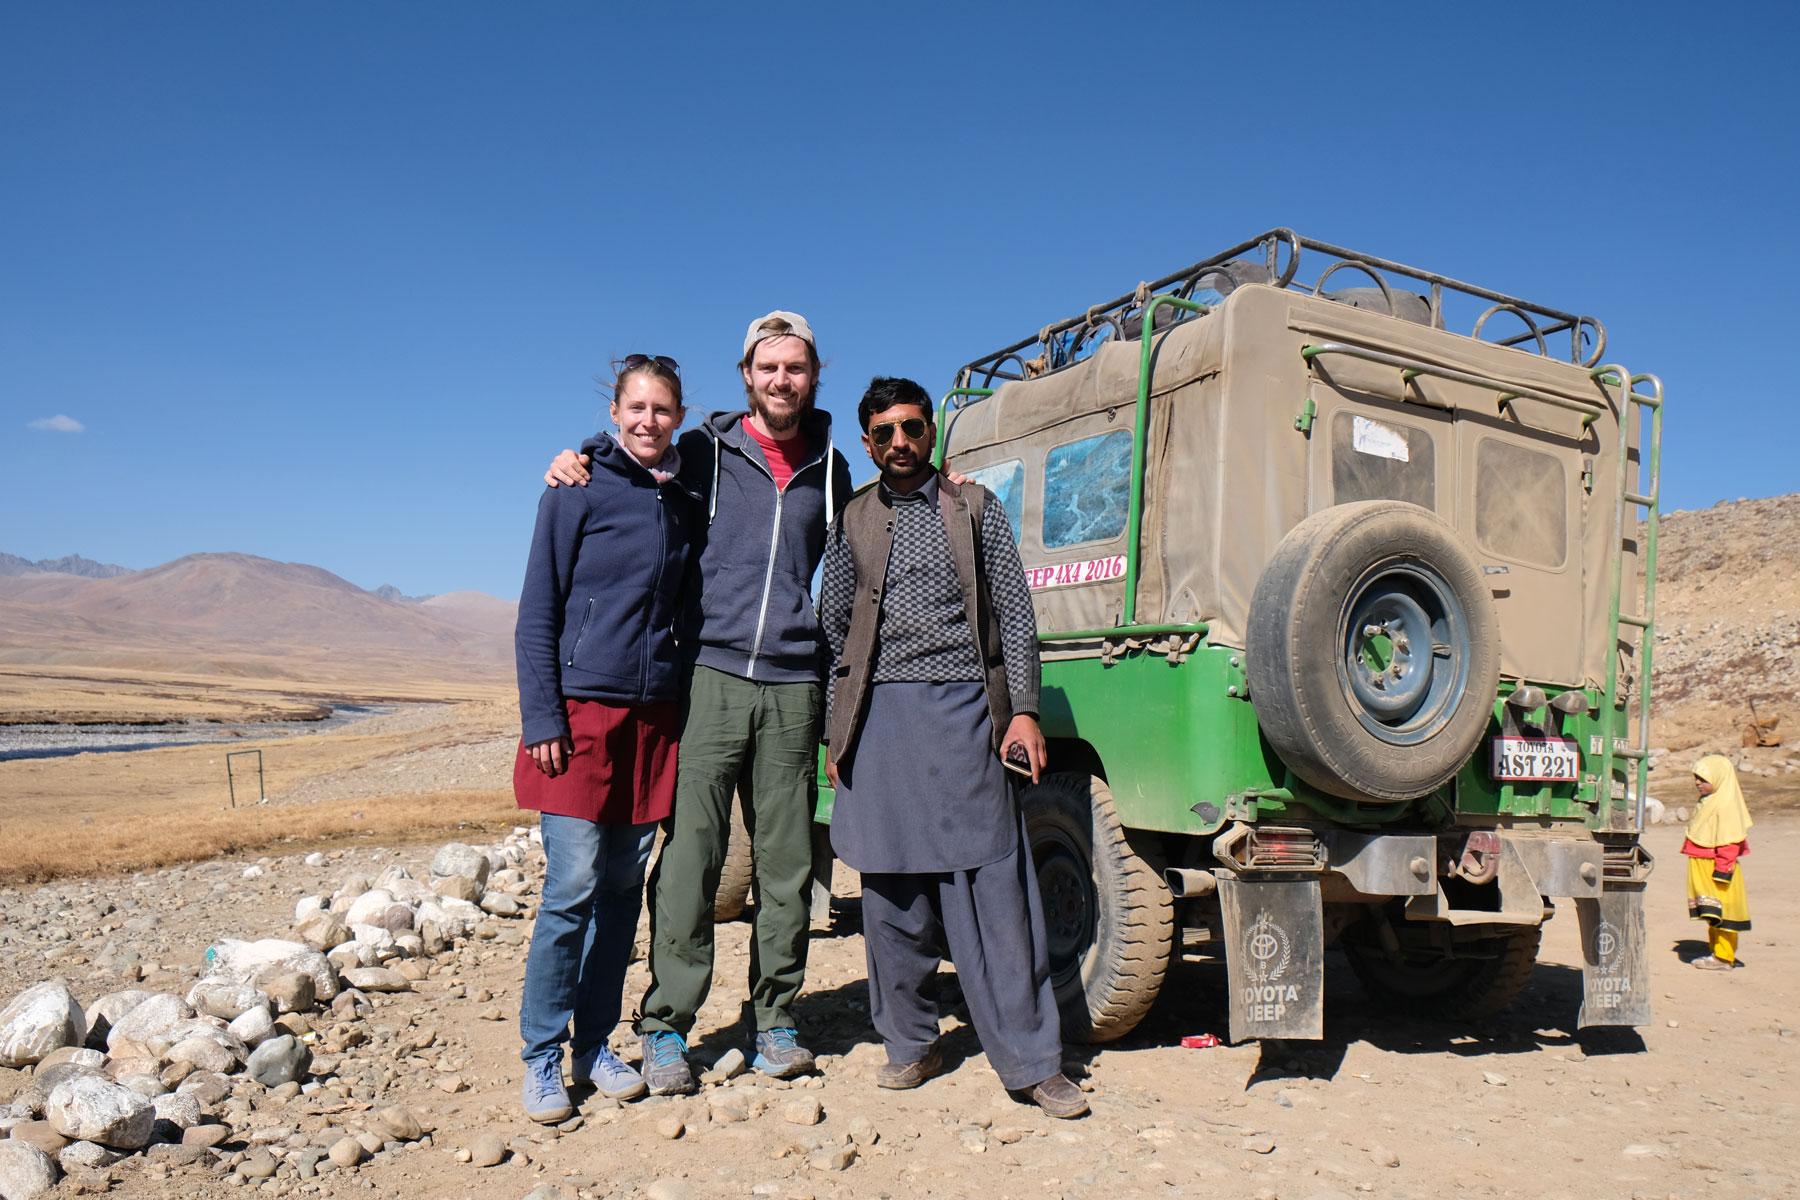 Unser Fahrer bringt uns und die anderen Fahrgäste sicher mit seinem Jeep über's Deosai Plateau